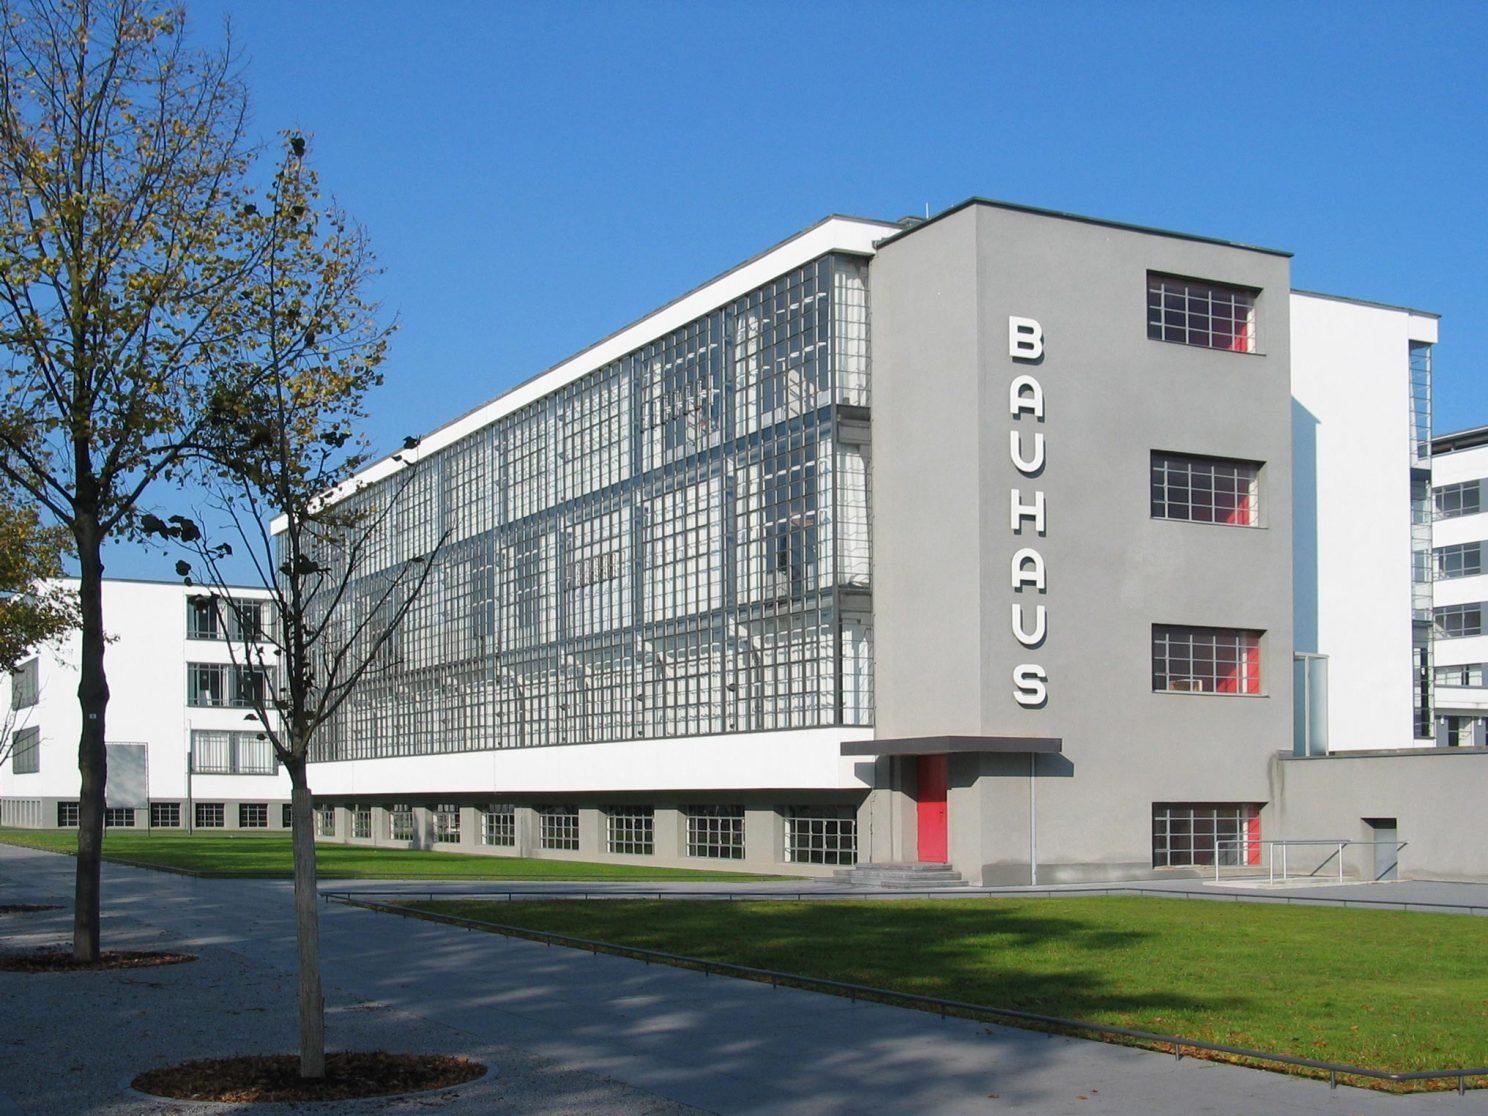 Full Size of Bauhaus Fenster Dessau Brenne Architekten Zwangsbelüftung Nachrüsten Auf Maß Sichern Gegen Einbruch Konfigurator Veka Preise Neue Einbauen Einbruchsicherung Fenster Bauhaus Fenster